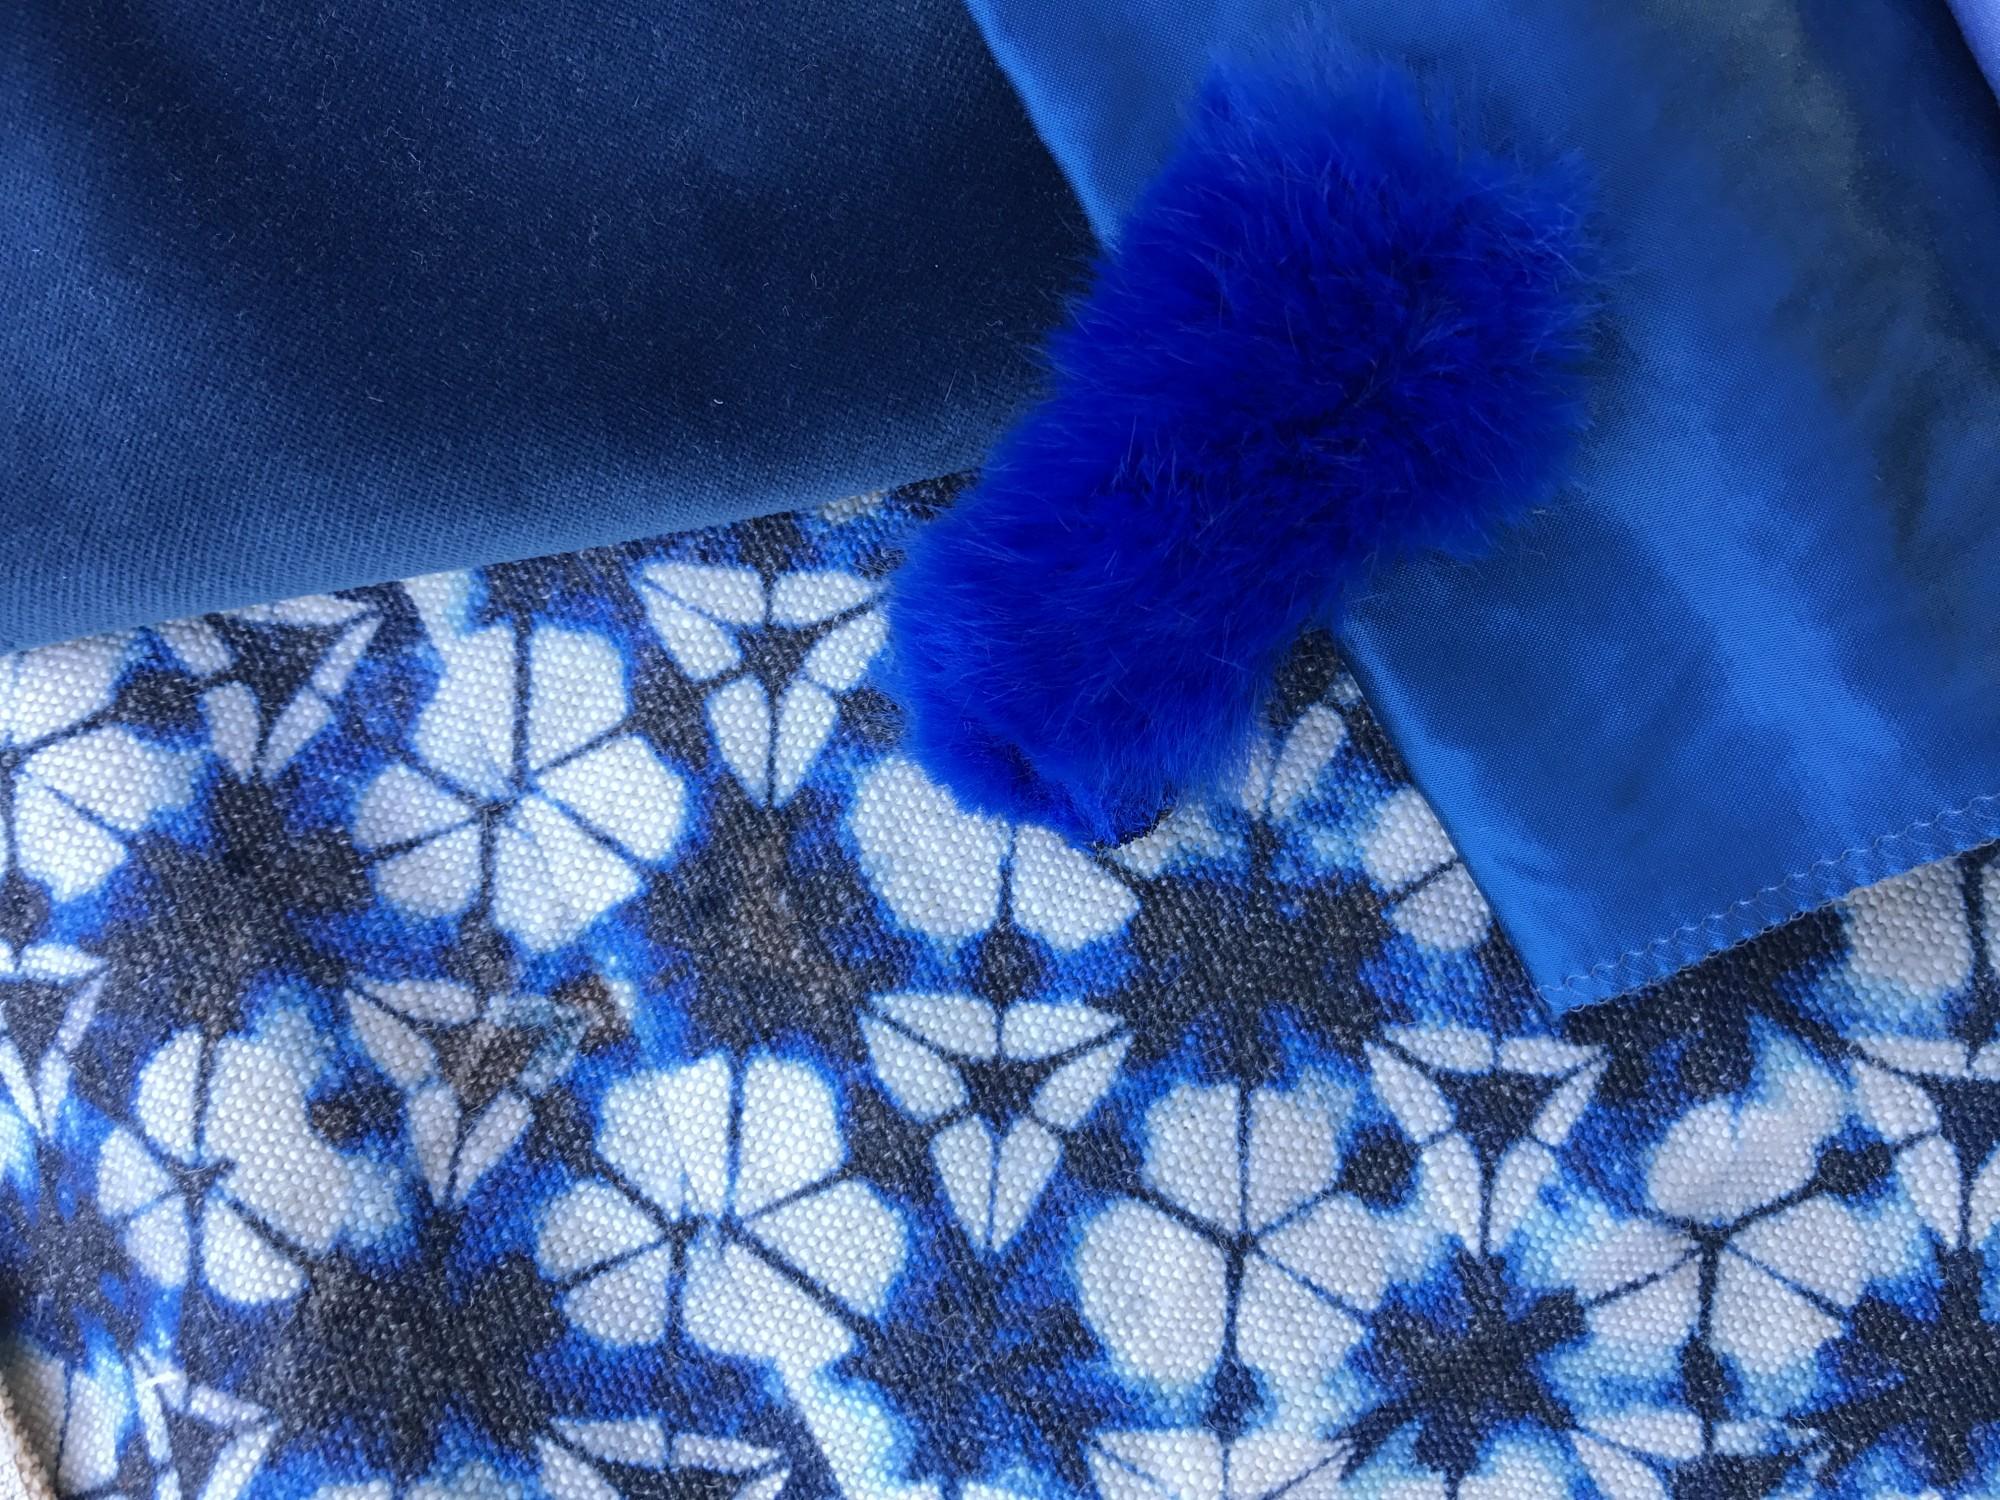 velours lavé bleu paon paris